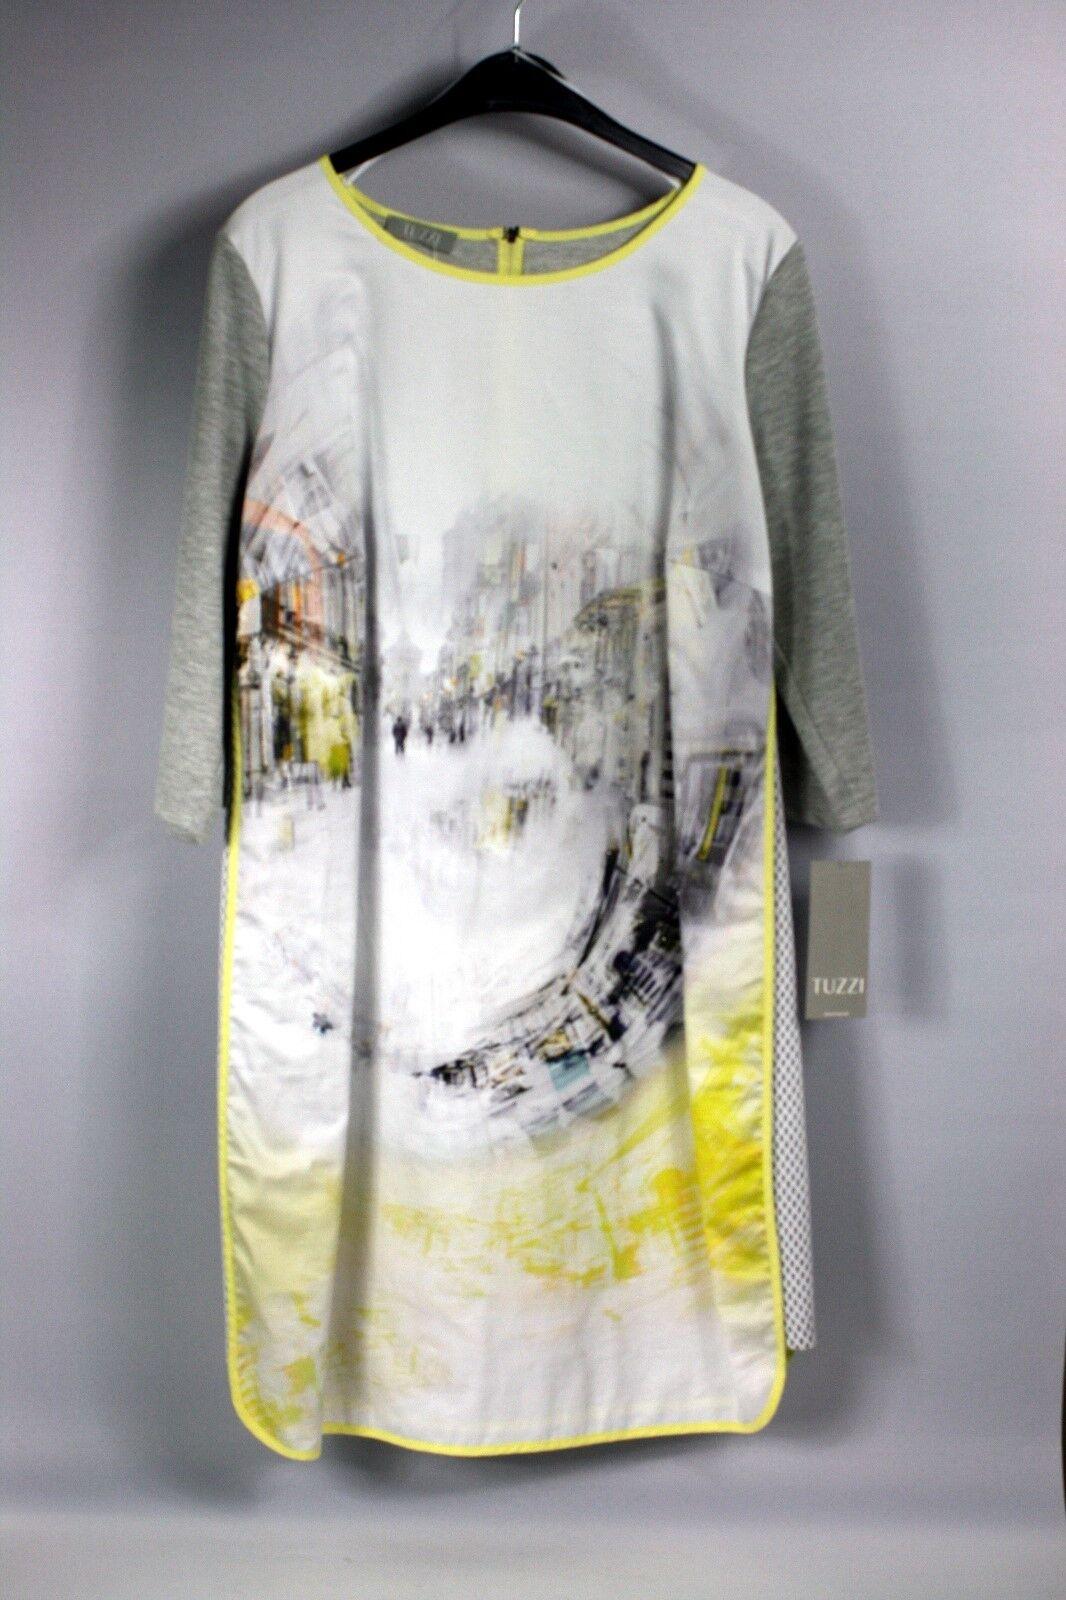 Kleid knielang grau-gelb-weiß 3 4 Arm Gr. 46 Tuzzi